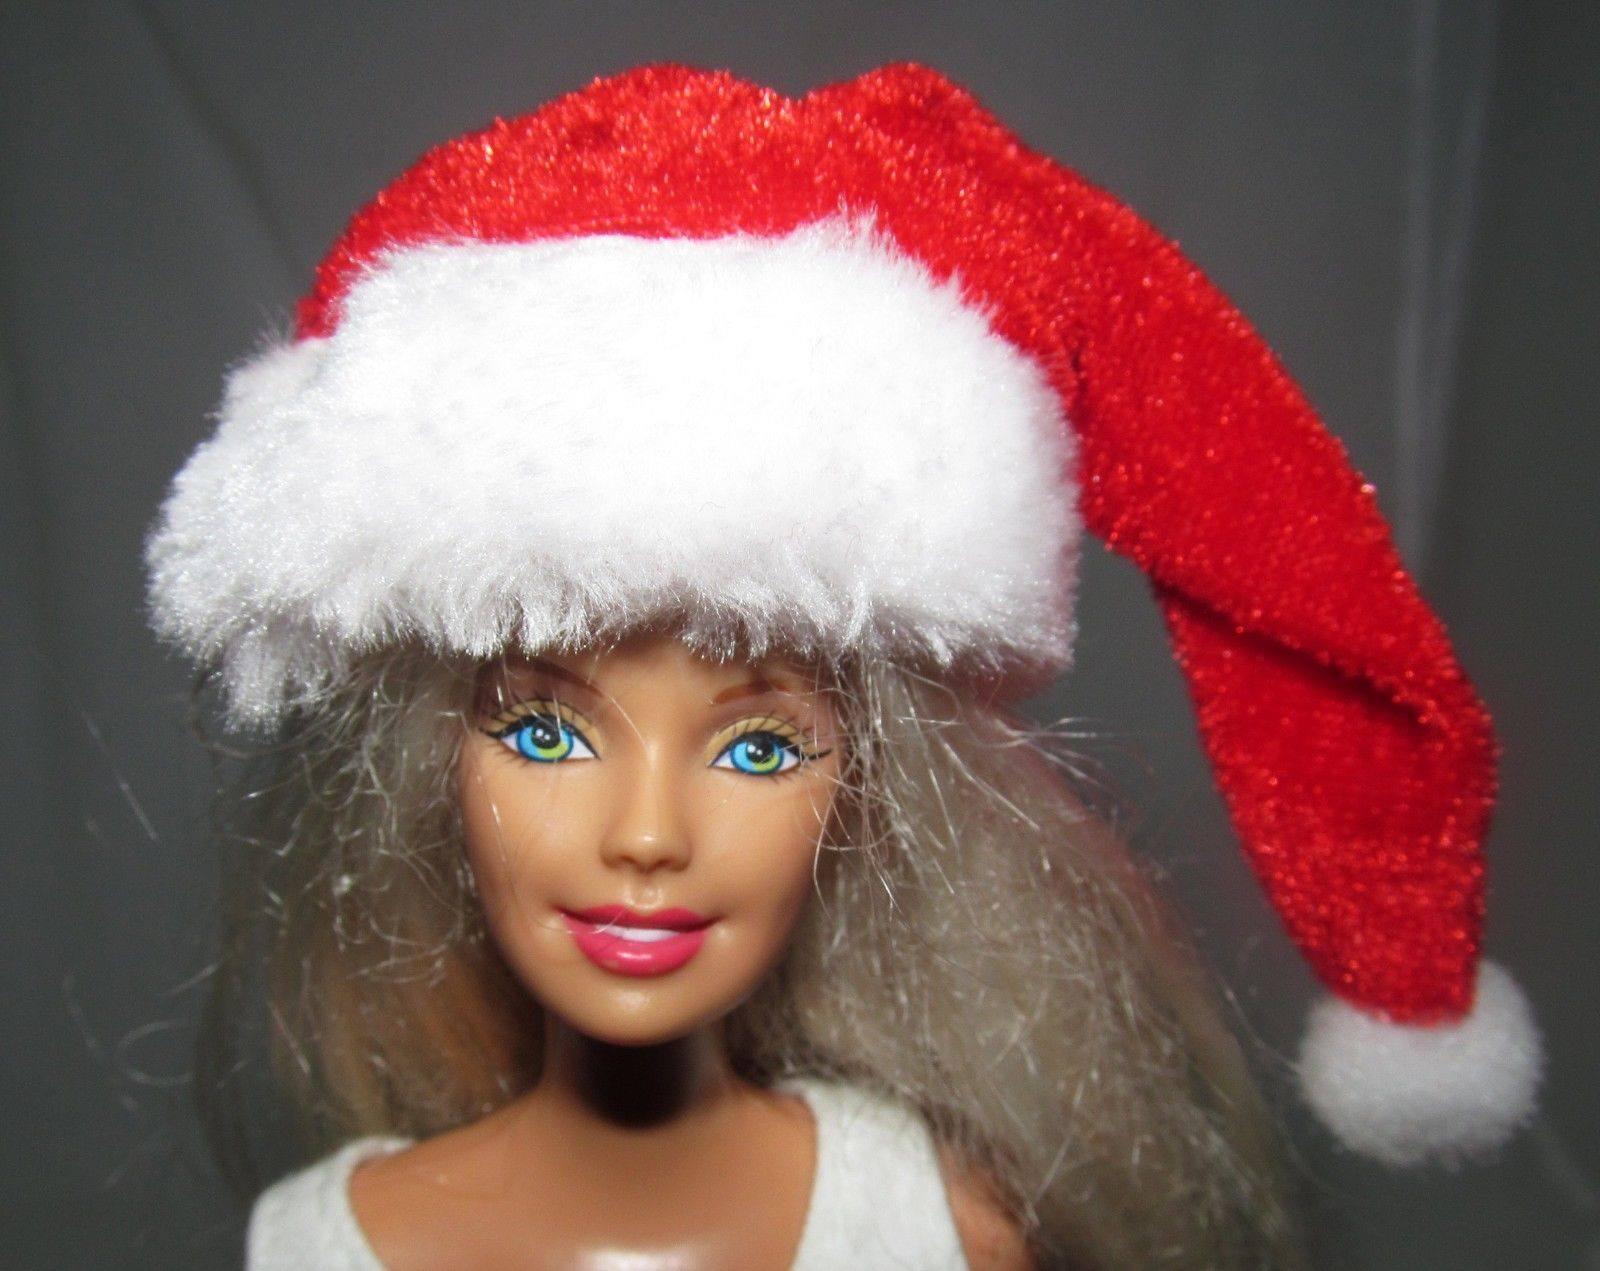 Fiesta De Navidad Miniatura Mini Sombrero De Santa Claus Barbie Ken Moda Muñeca uno de una clase